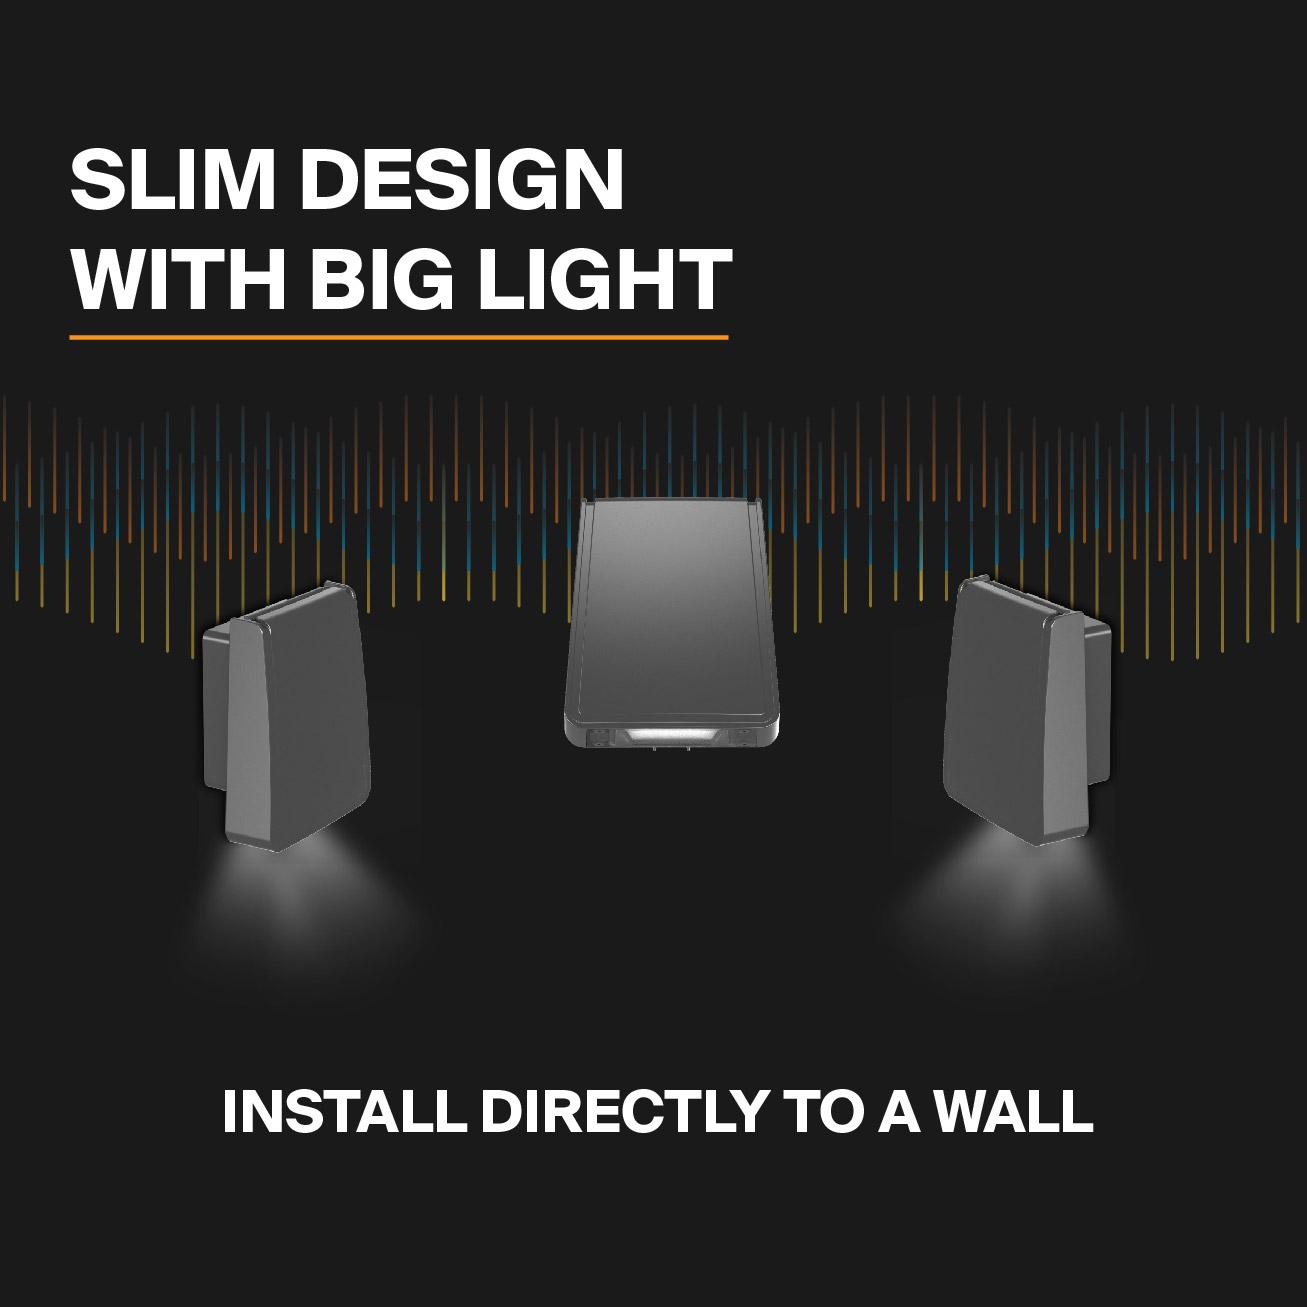 Probrite Stealth28 LED Wall Pack Slim Design